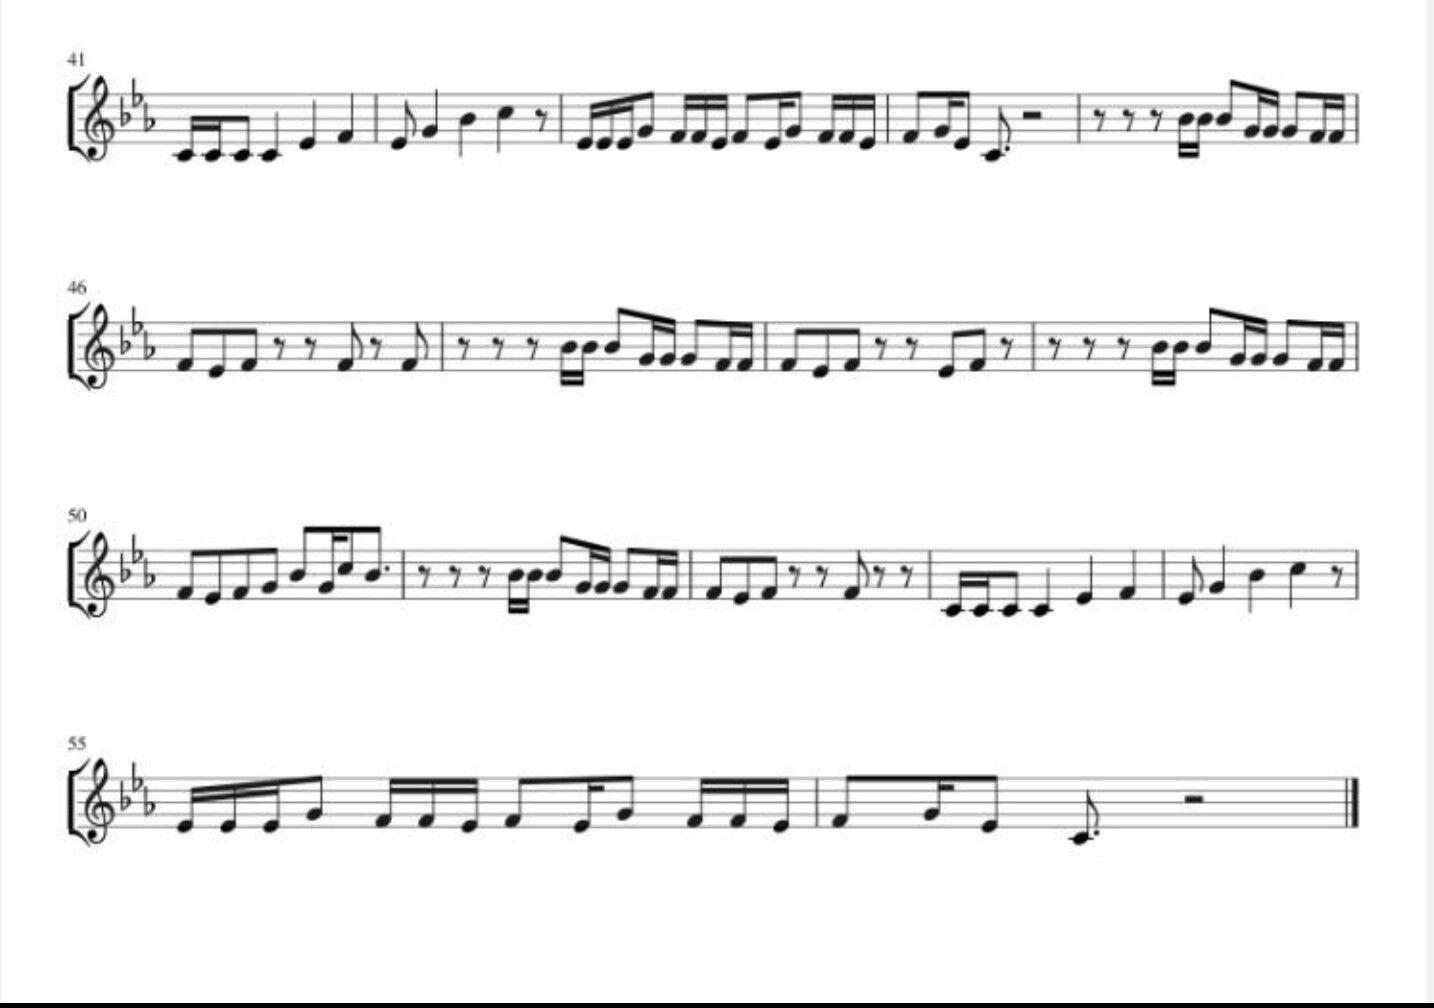 Awake Jin Part 2 With Images Sheet Music Violin Sheet Music